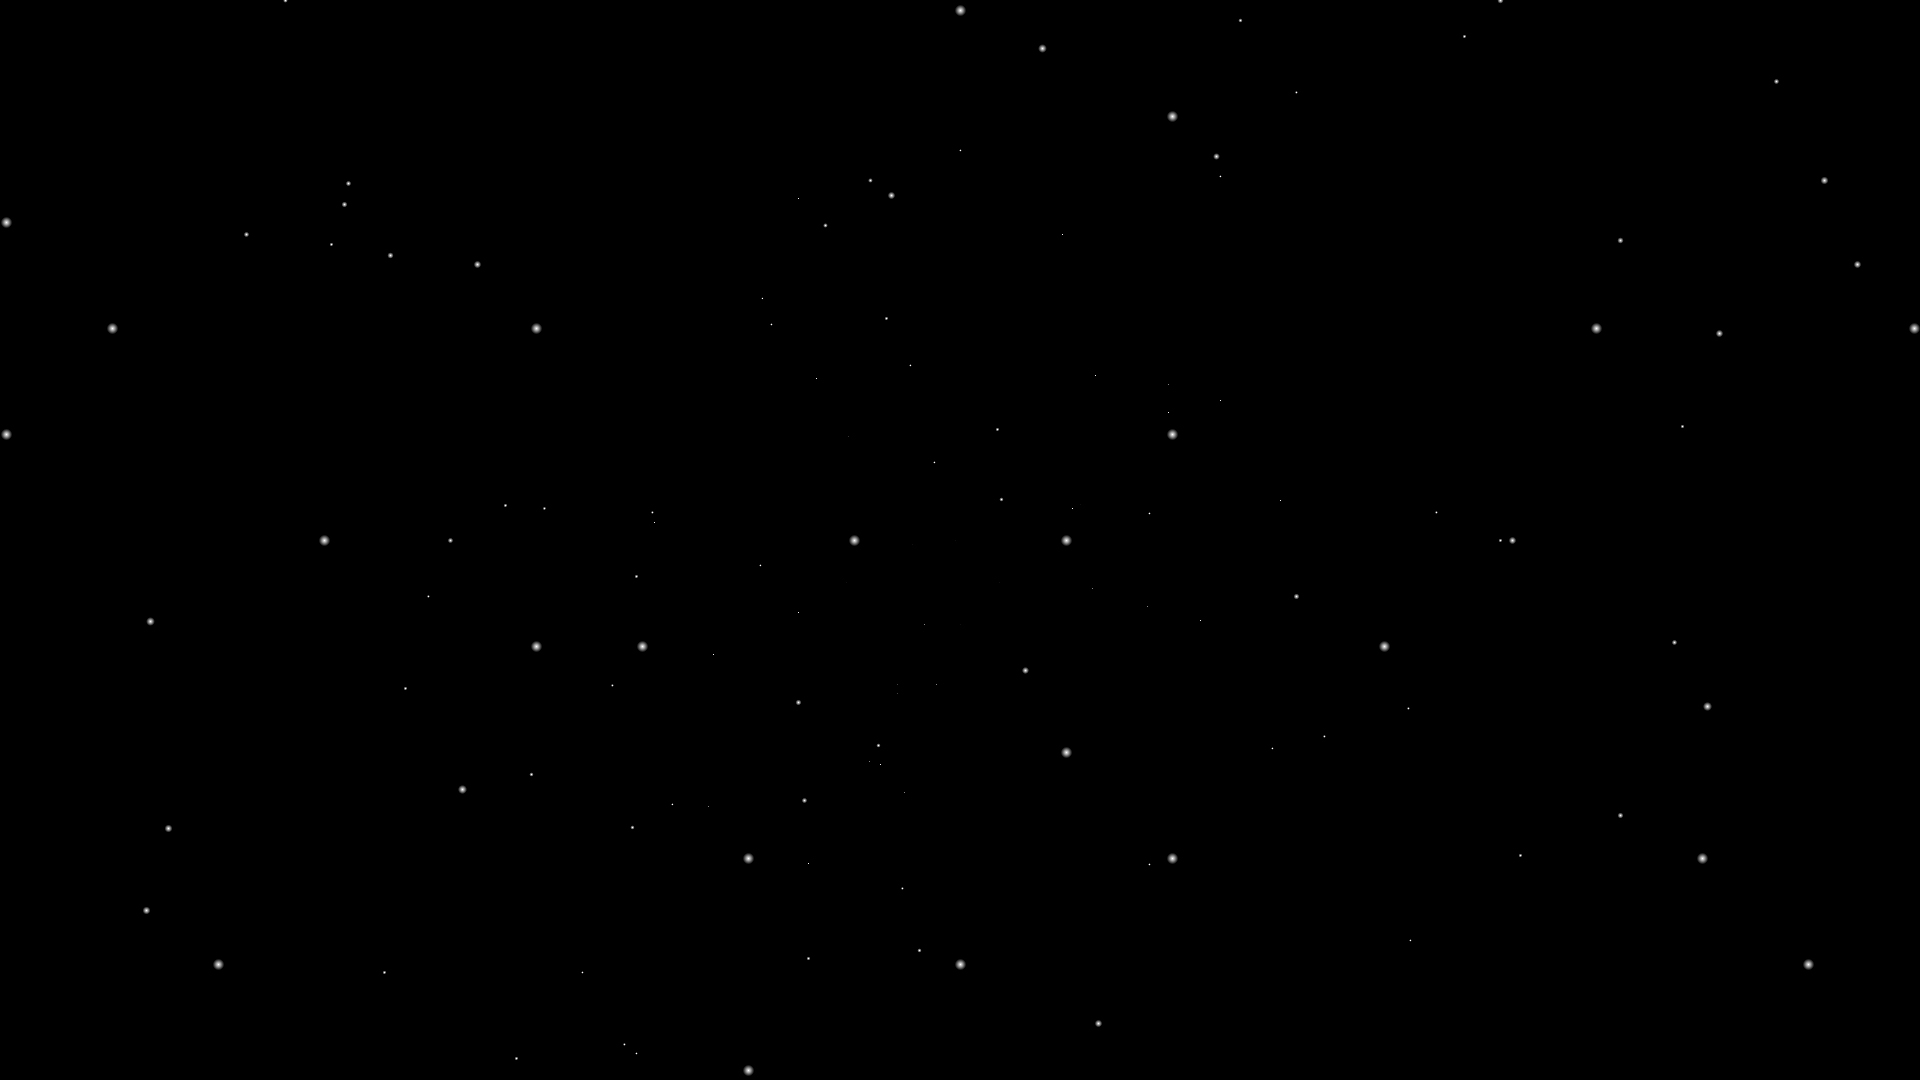 محیط اسکرین سیور پرواز در ستاره گان 1